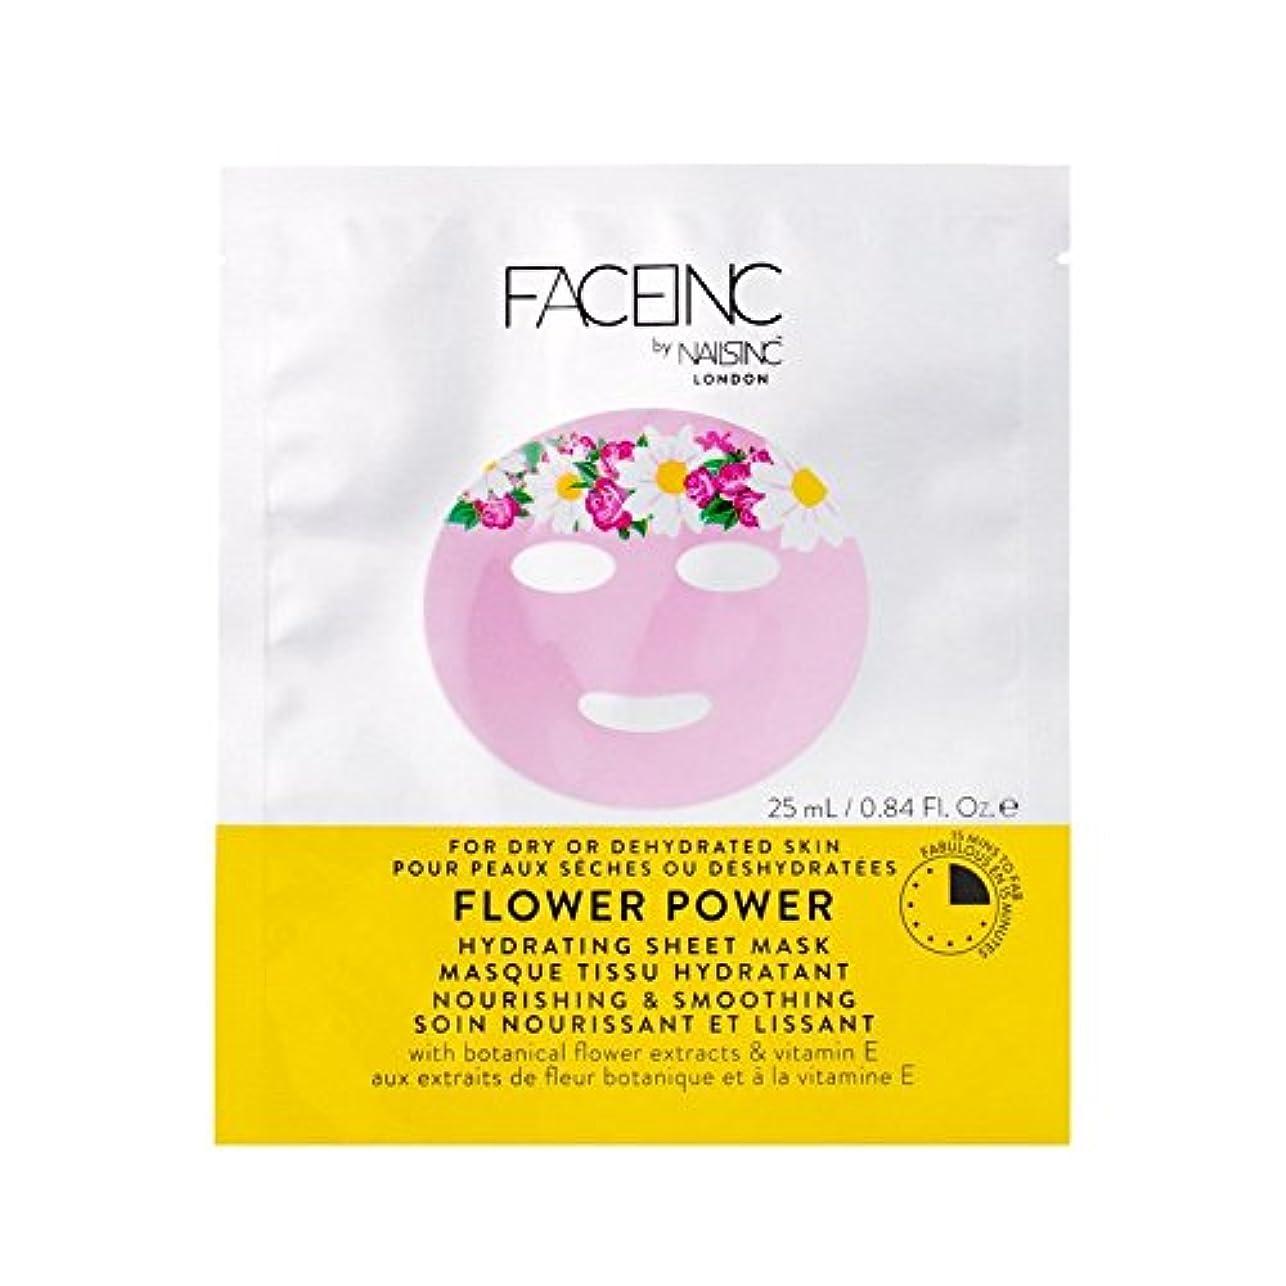 瞬時にうぬぼれたパターン爪が株式会社顔株式会社花のパワーマスク x2 - Nails Inc. Face Inc Flower Power Mask (Pack of 2) [並行輸入品]